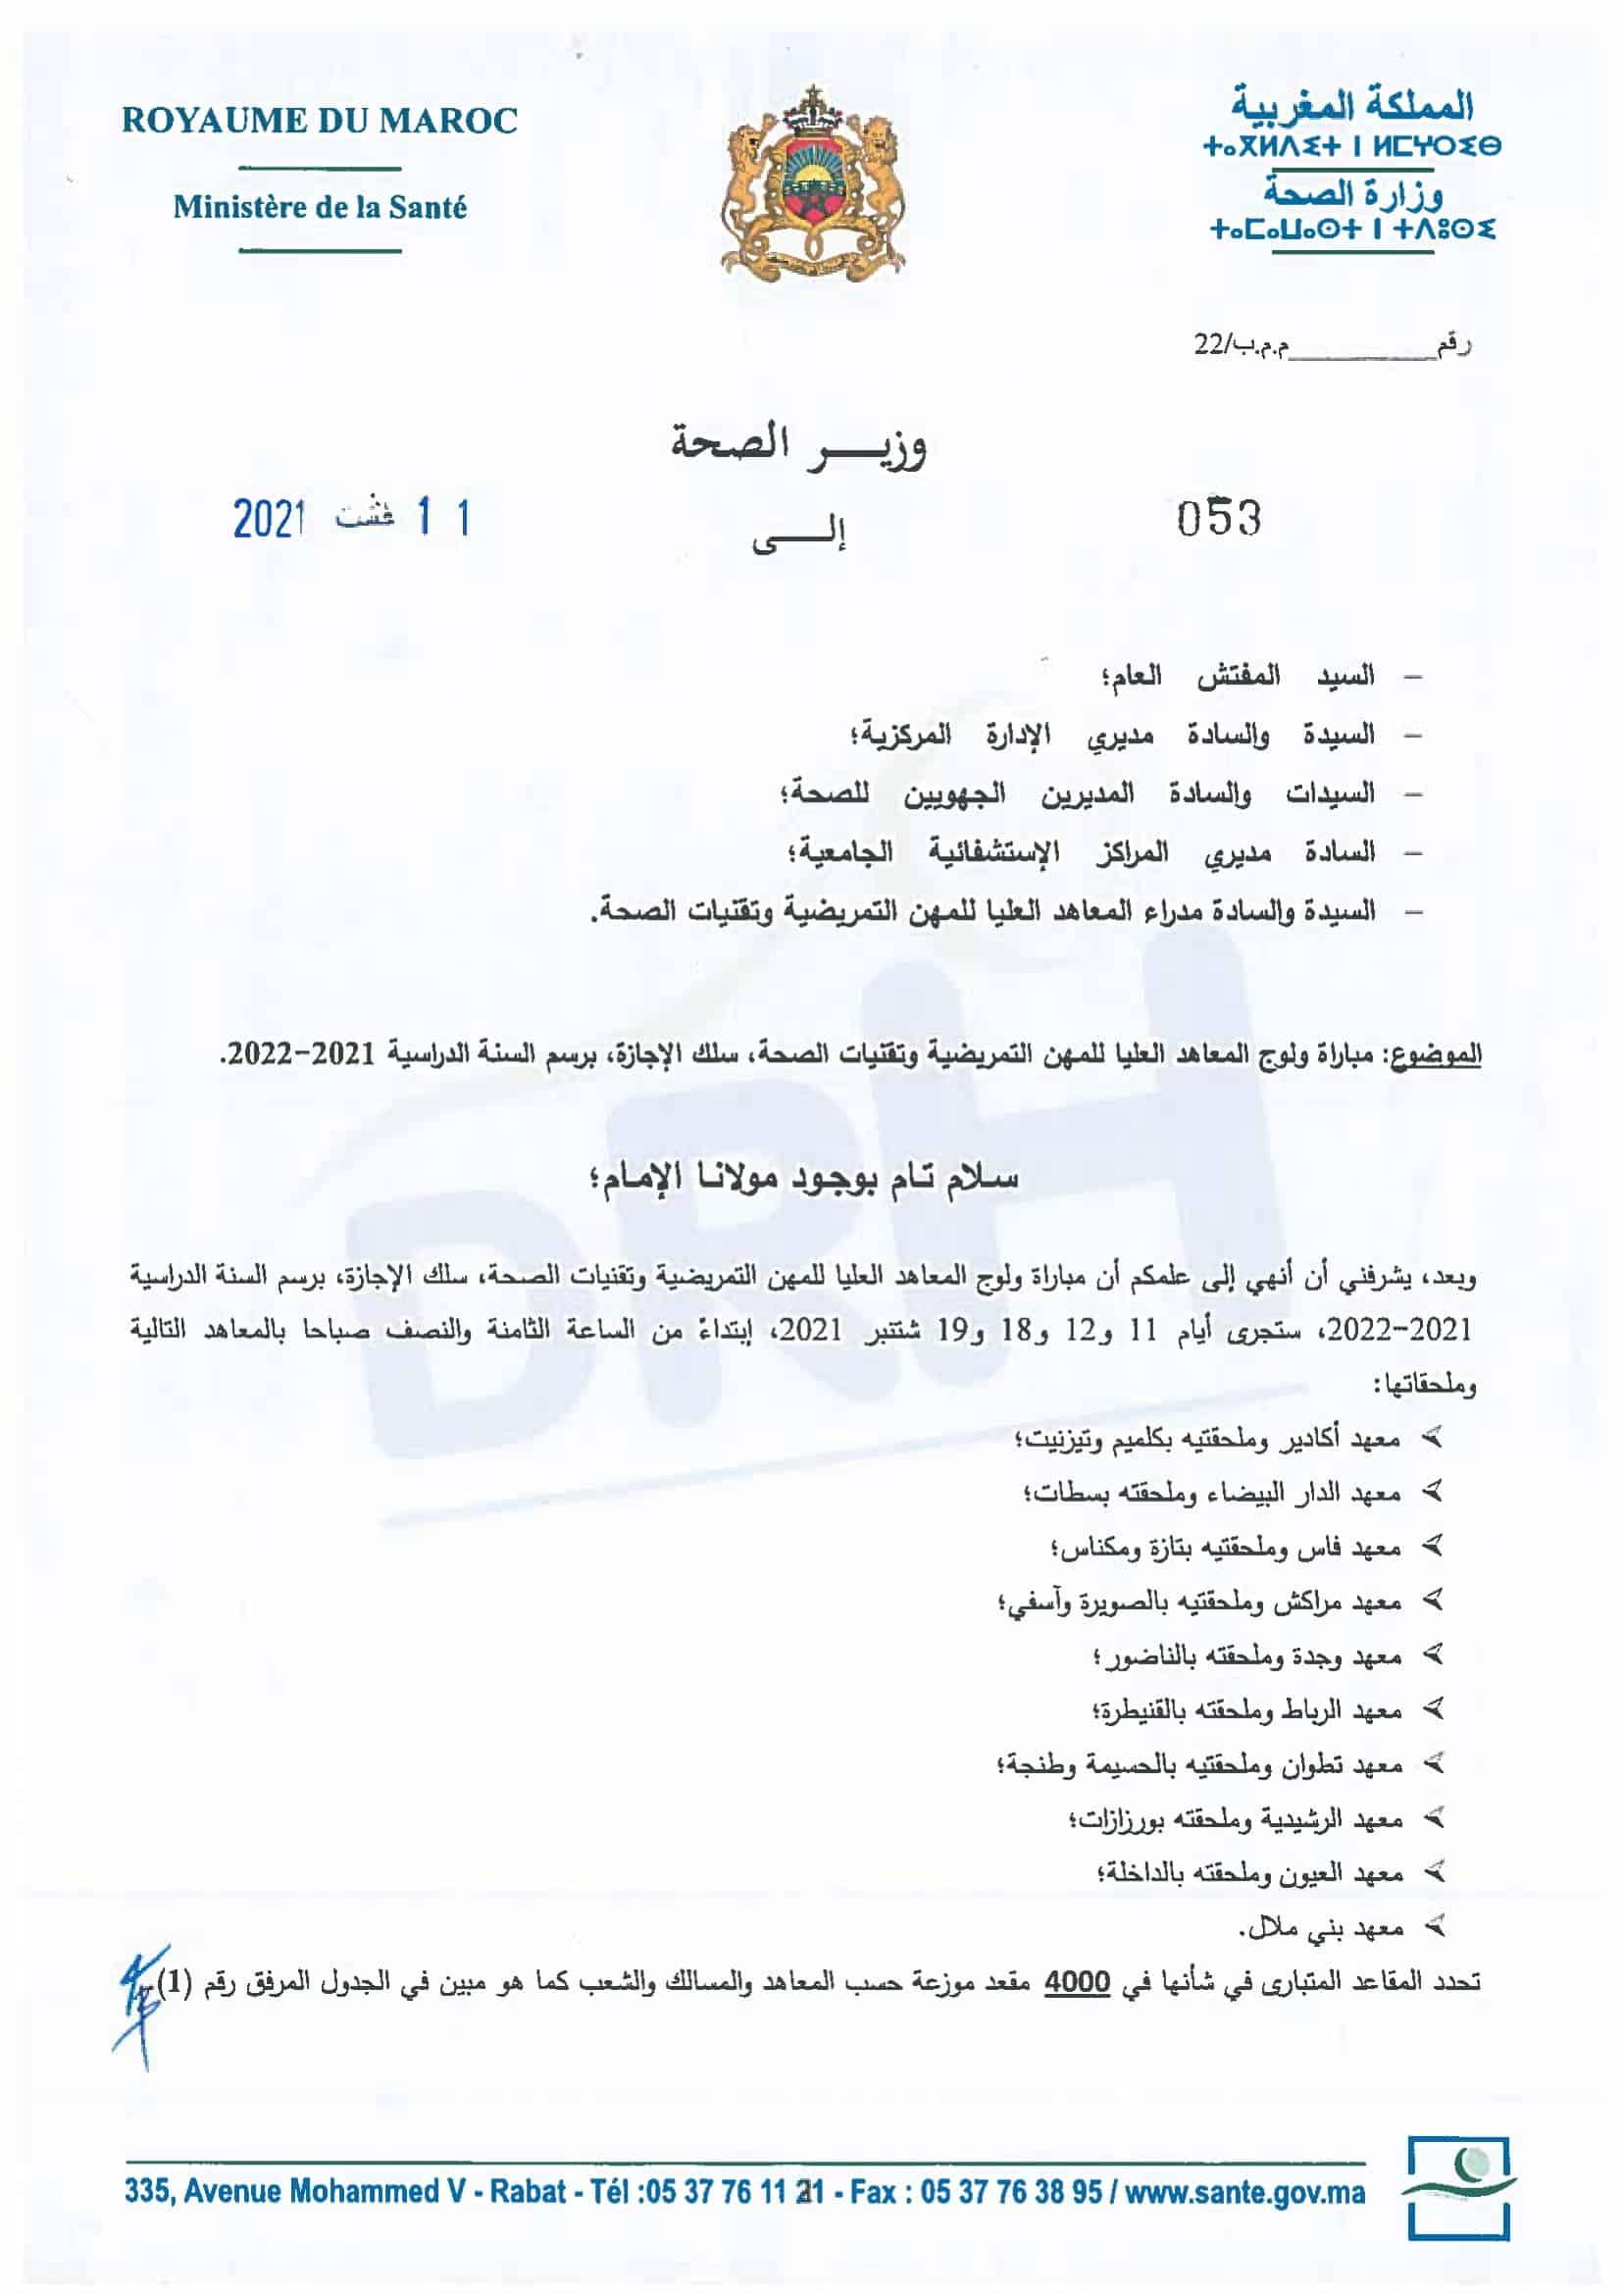 circulaire ispits 2021 2022 01 ispits.sante.gov.ma مباراة ولوج المعاهد العليا للمهن التمريضية وتقنيات الصحة 2022/2021